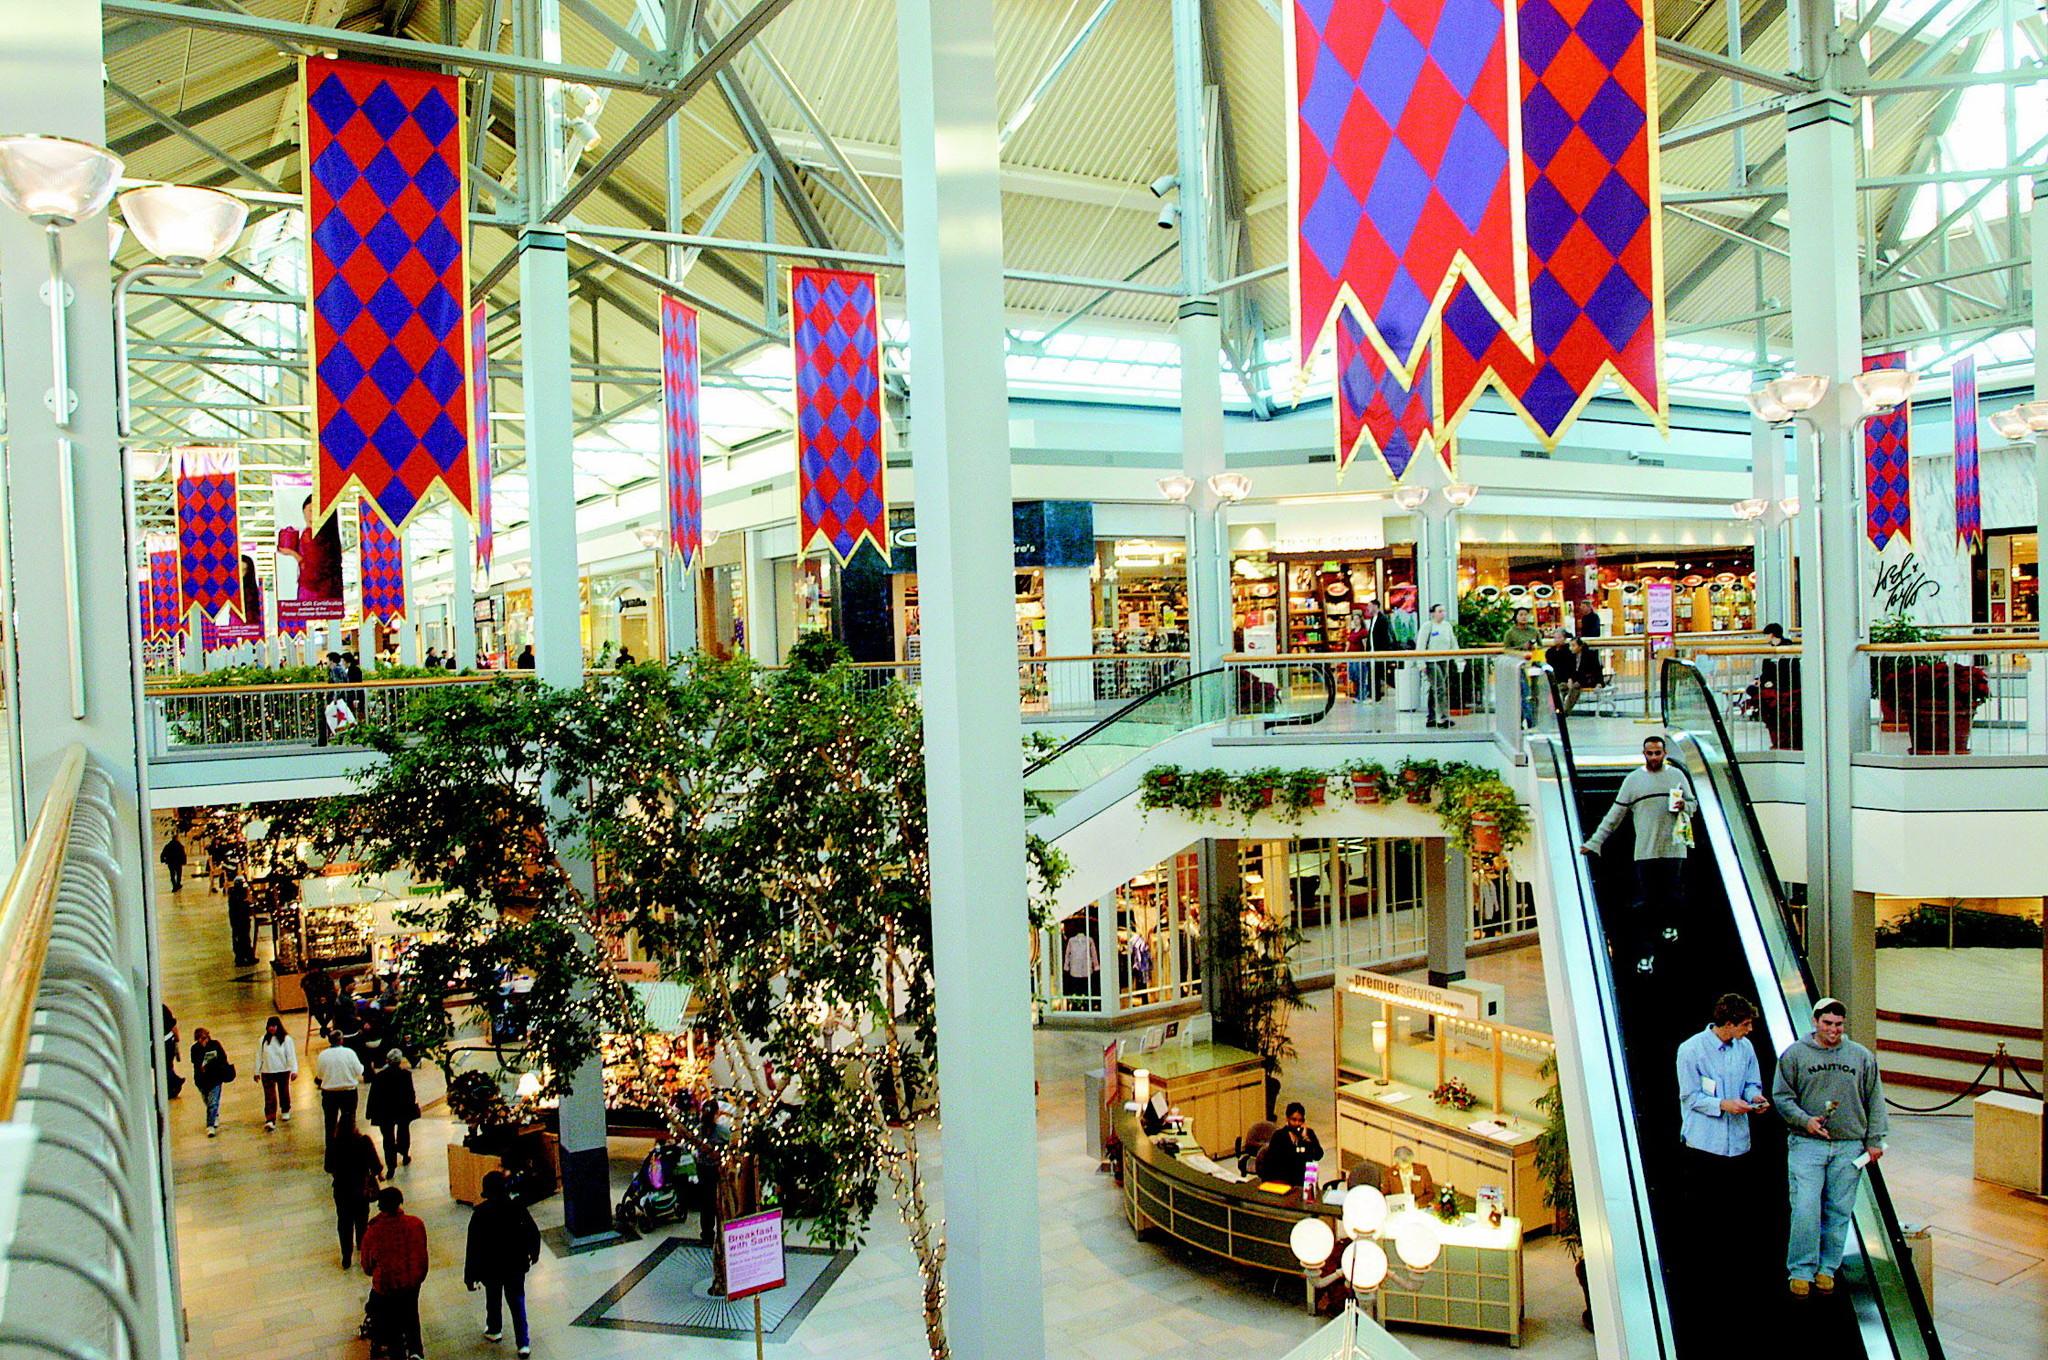 white marsh mall expands sunday hours baltimore sun - Olive Garden White Marsh